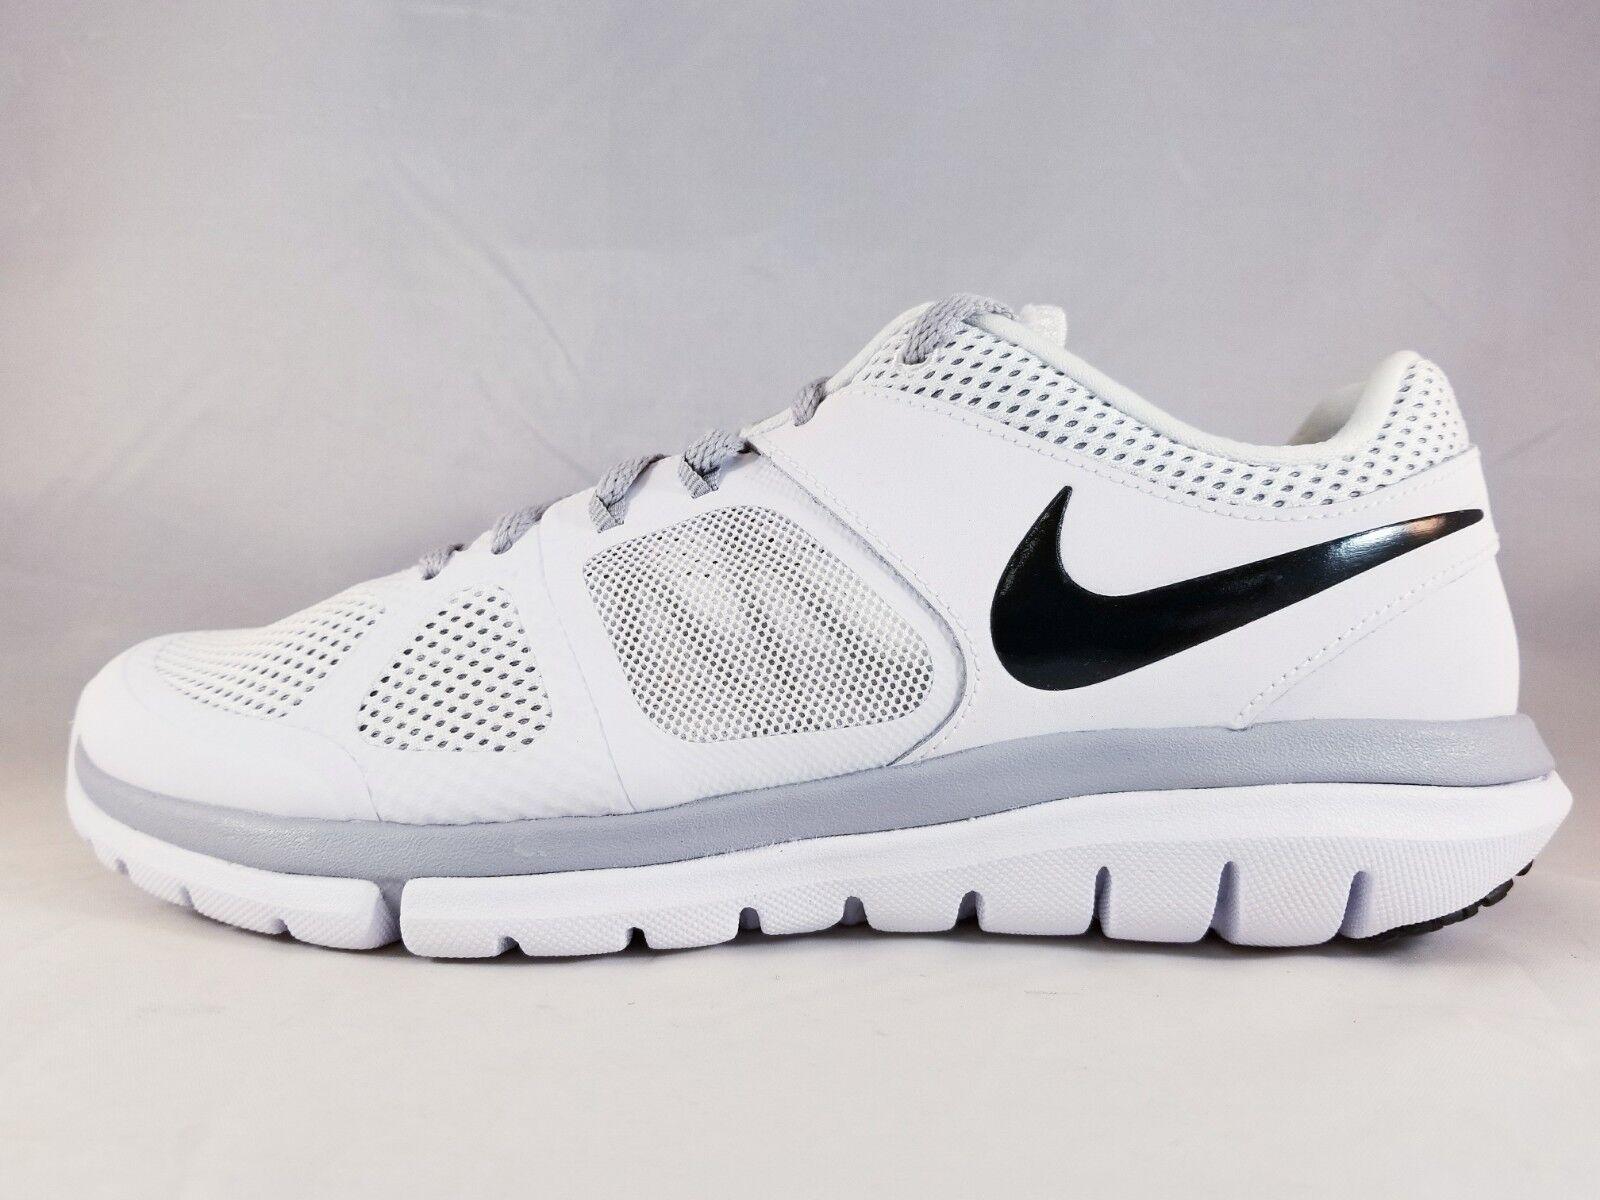 1d3317076d76 Nike Flex 2014 RN Women s Running Shoe Shoe Shoe 642767 100 Size 7.5 1decb1